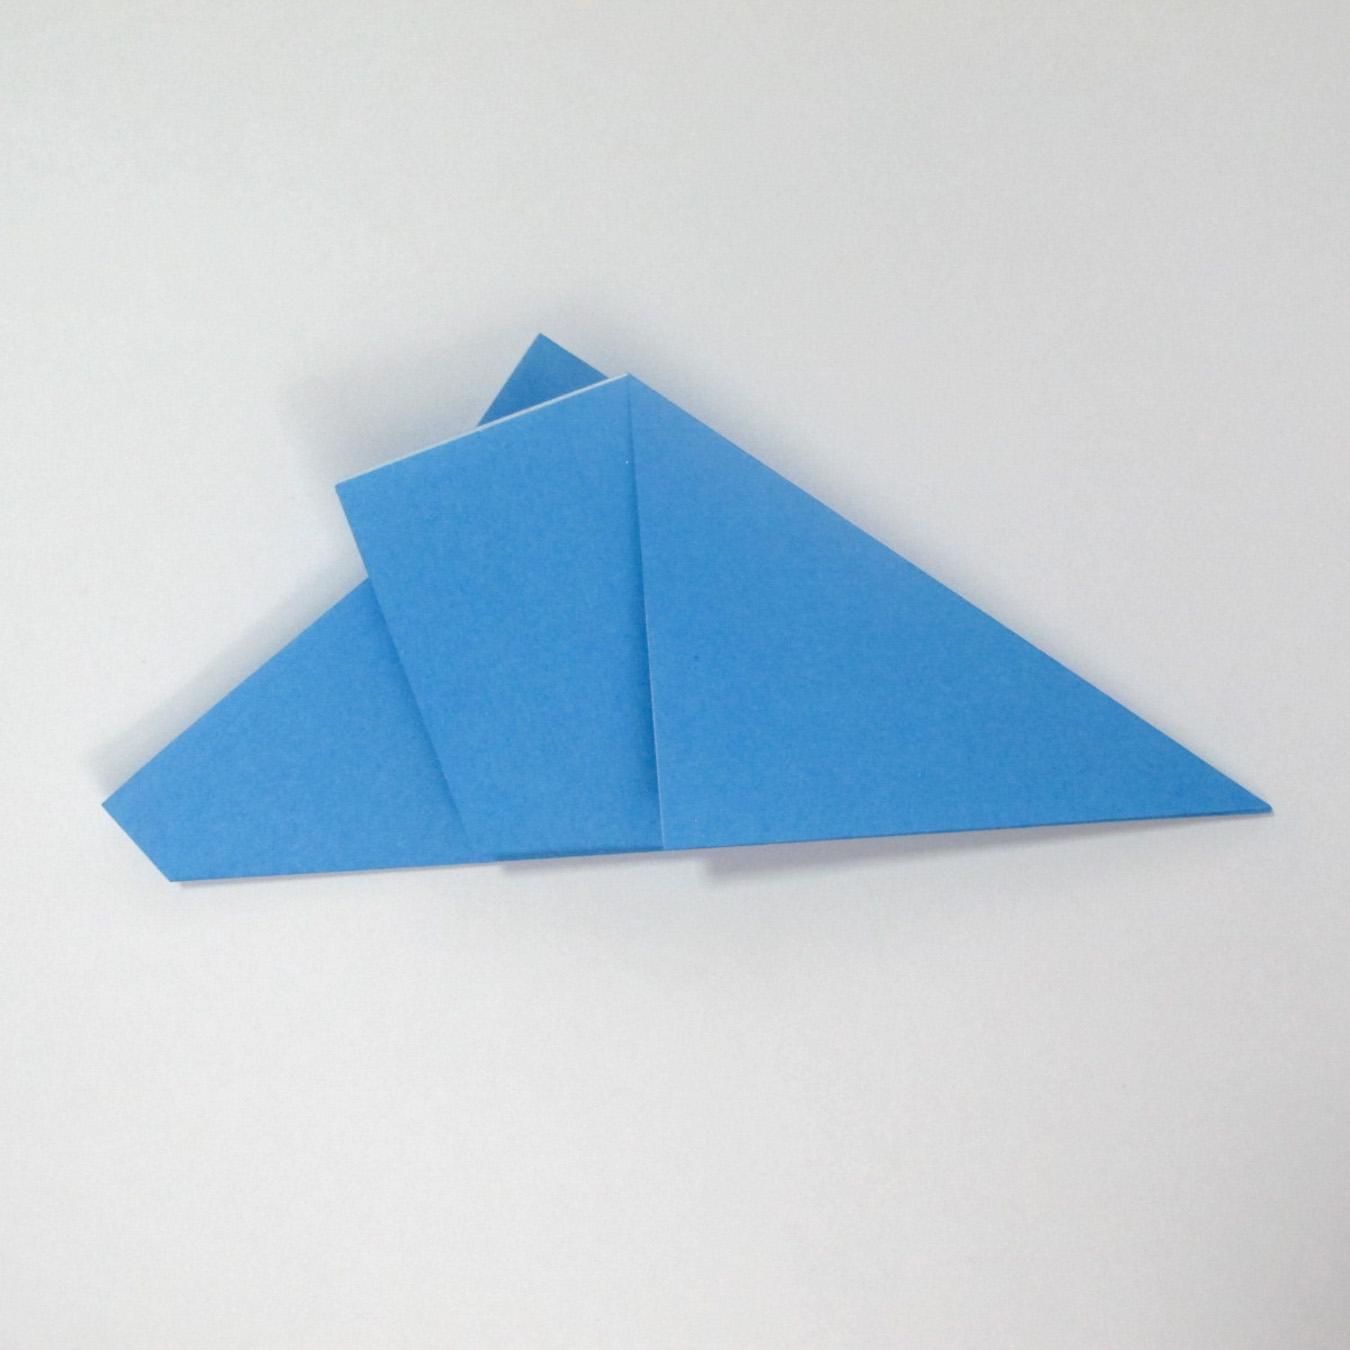 วิธีการตัดกระดาษเป็นห้าเหลี่ยมจากกระดาษสี่เหลี่ยมจตุรัส 004